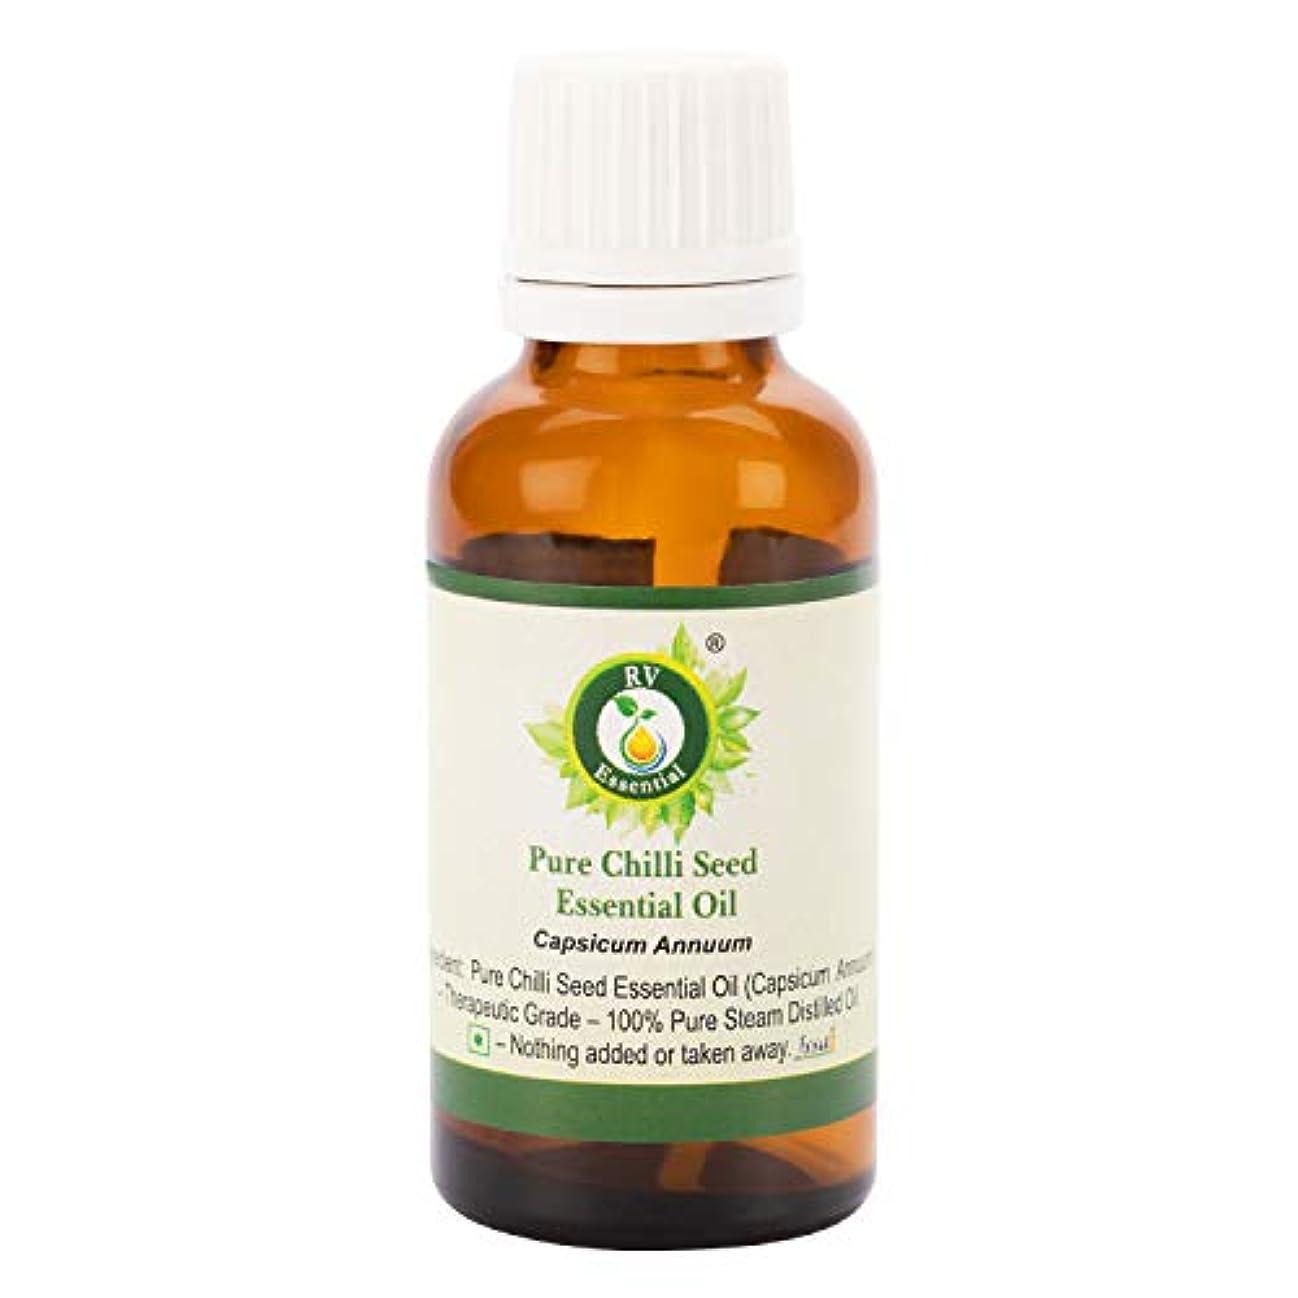 オートメーション明示的に軍ピュアチリシードエッセンシャルオイル5ml (0.169oz)- Capsicum Annuum (100%純粋&天然スチームDistilled) Pure Chilli Seed Essential Oil